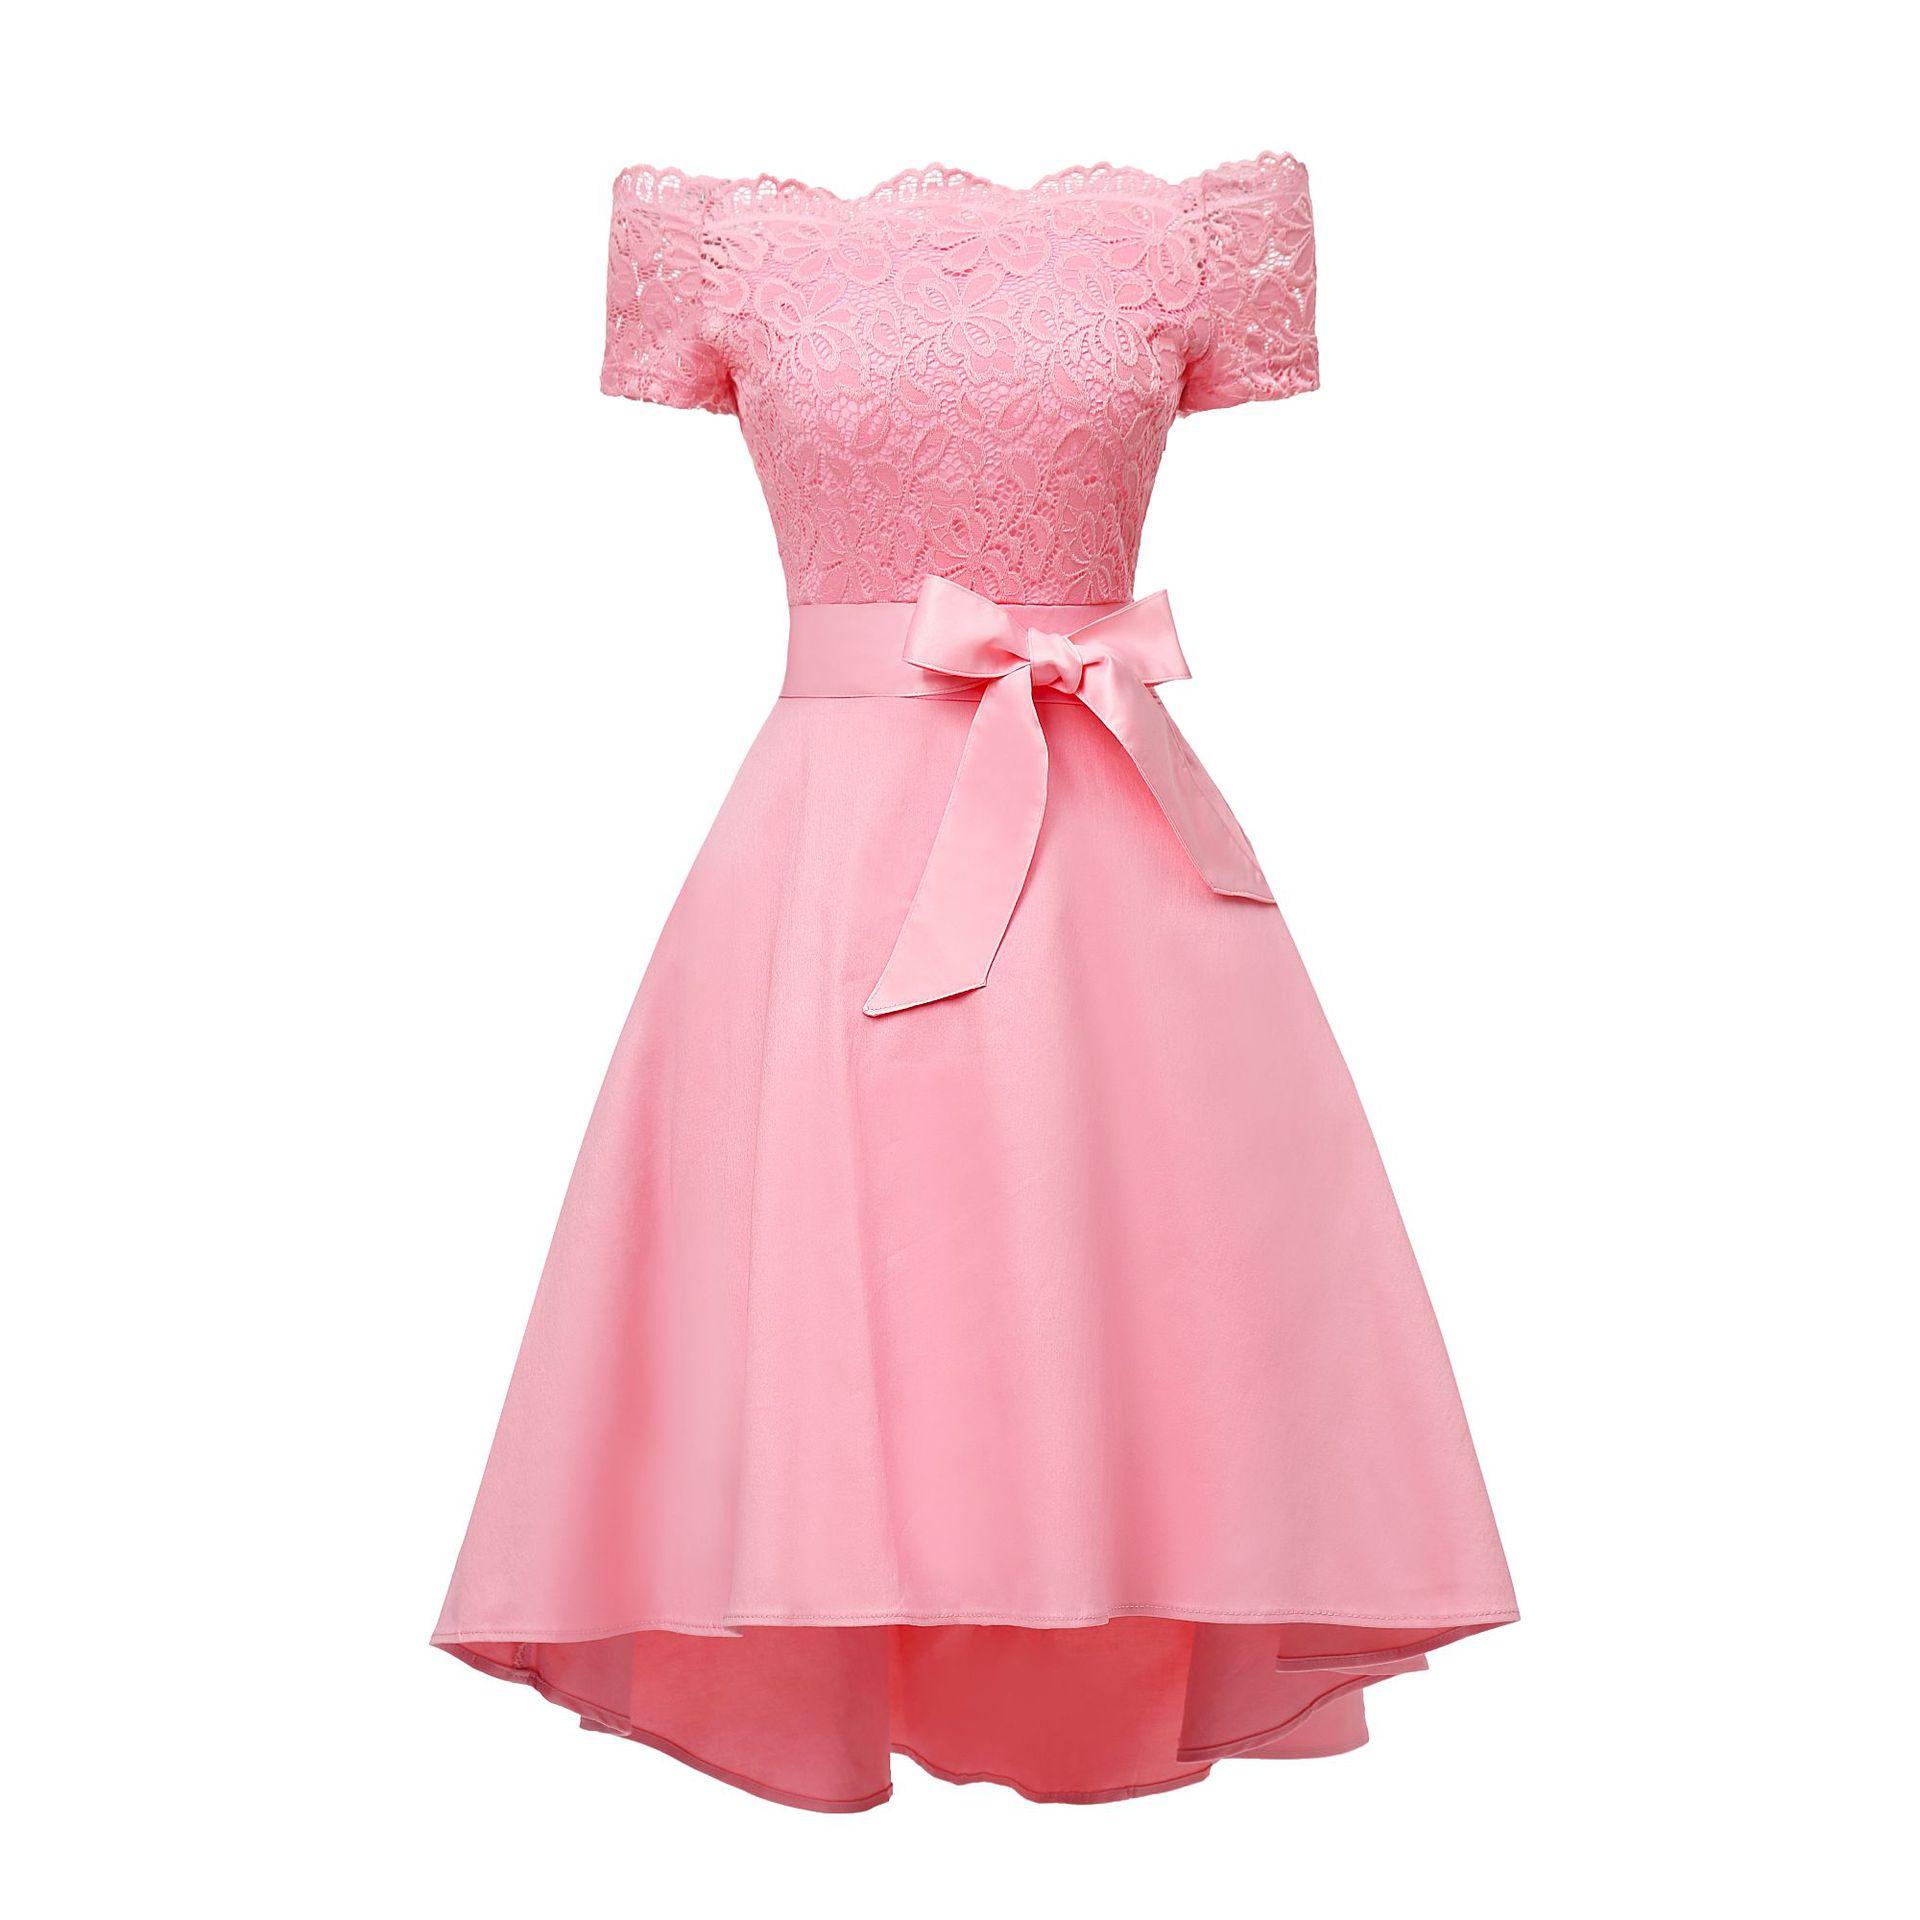 Real Photos Lace Elegant Short Bridesmaid Dress Vestidos De Festa Off Shoulder Formal Party Gowns Robe Demoiselle D'honneur